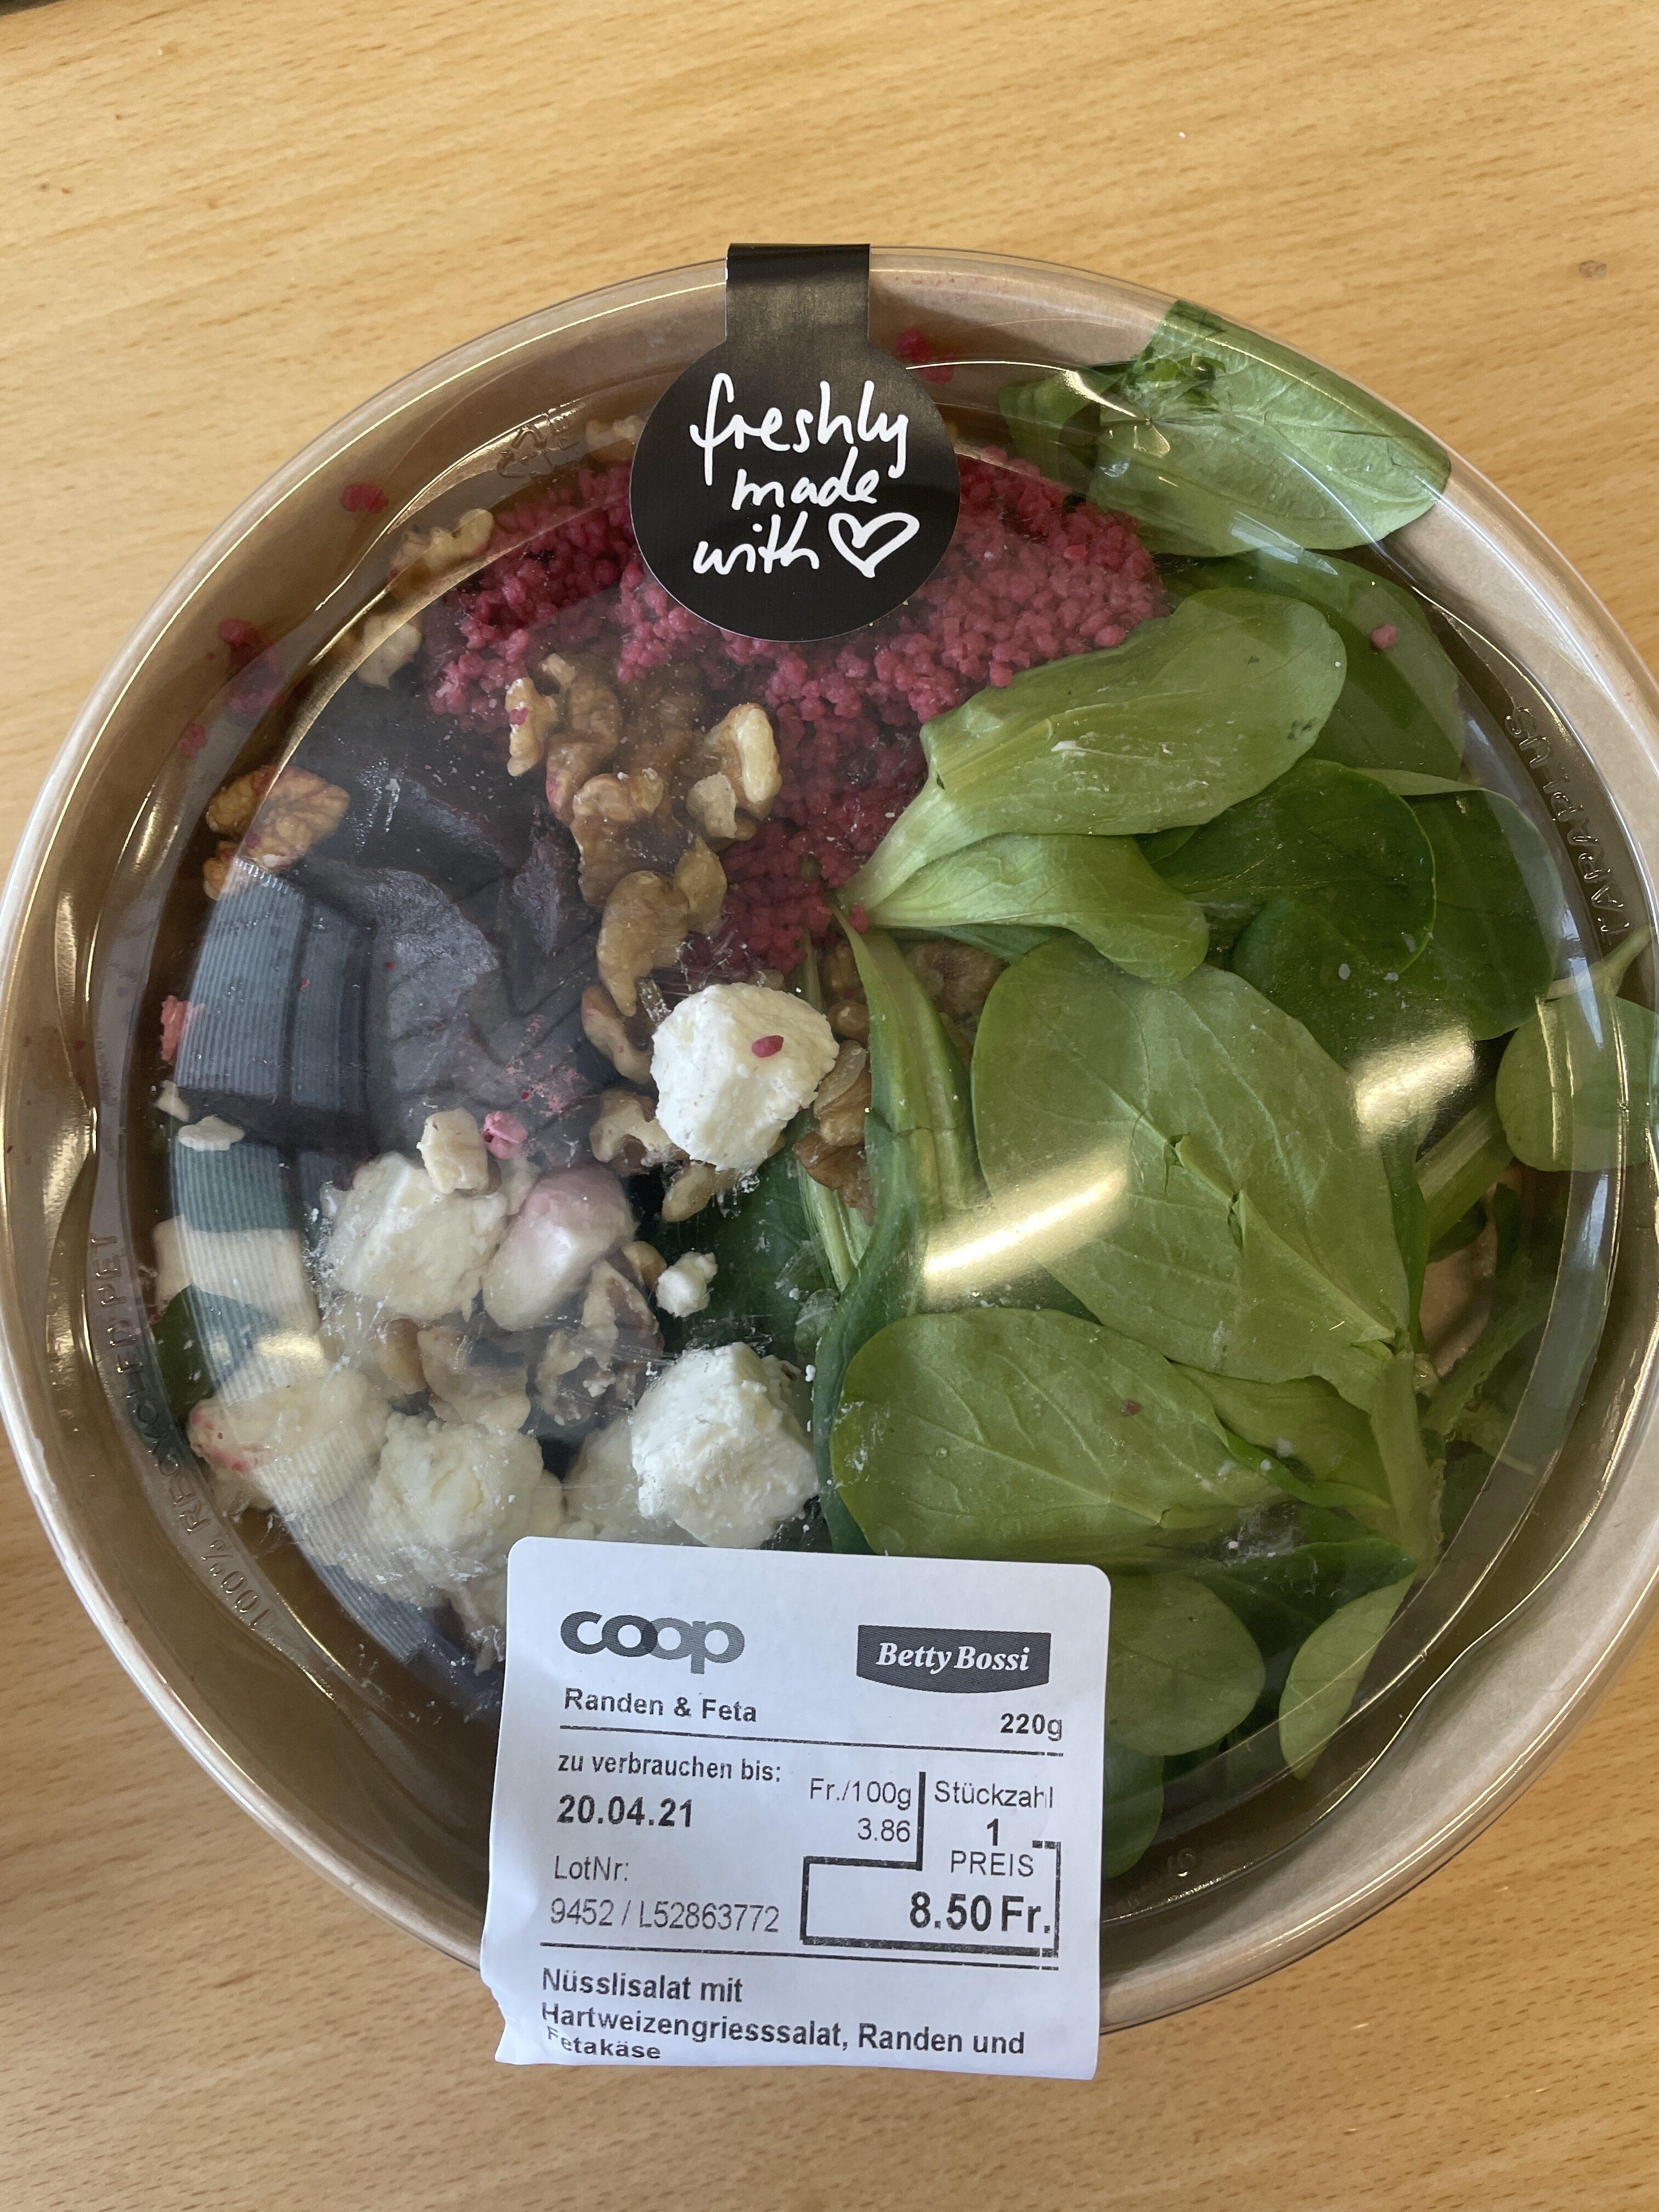 Nüsslisalat mit Hartweizengries, Randen und Fetakäse - Prodotto - de